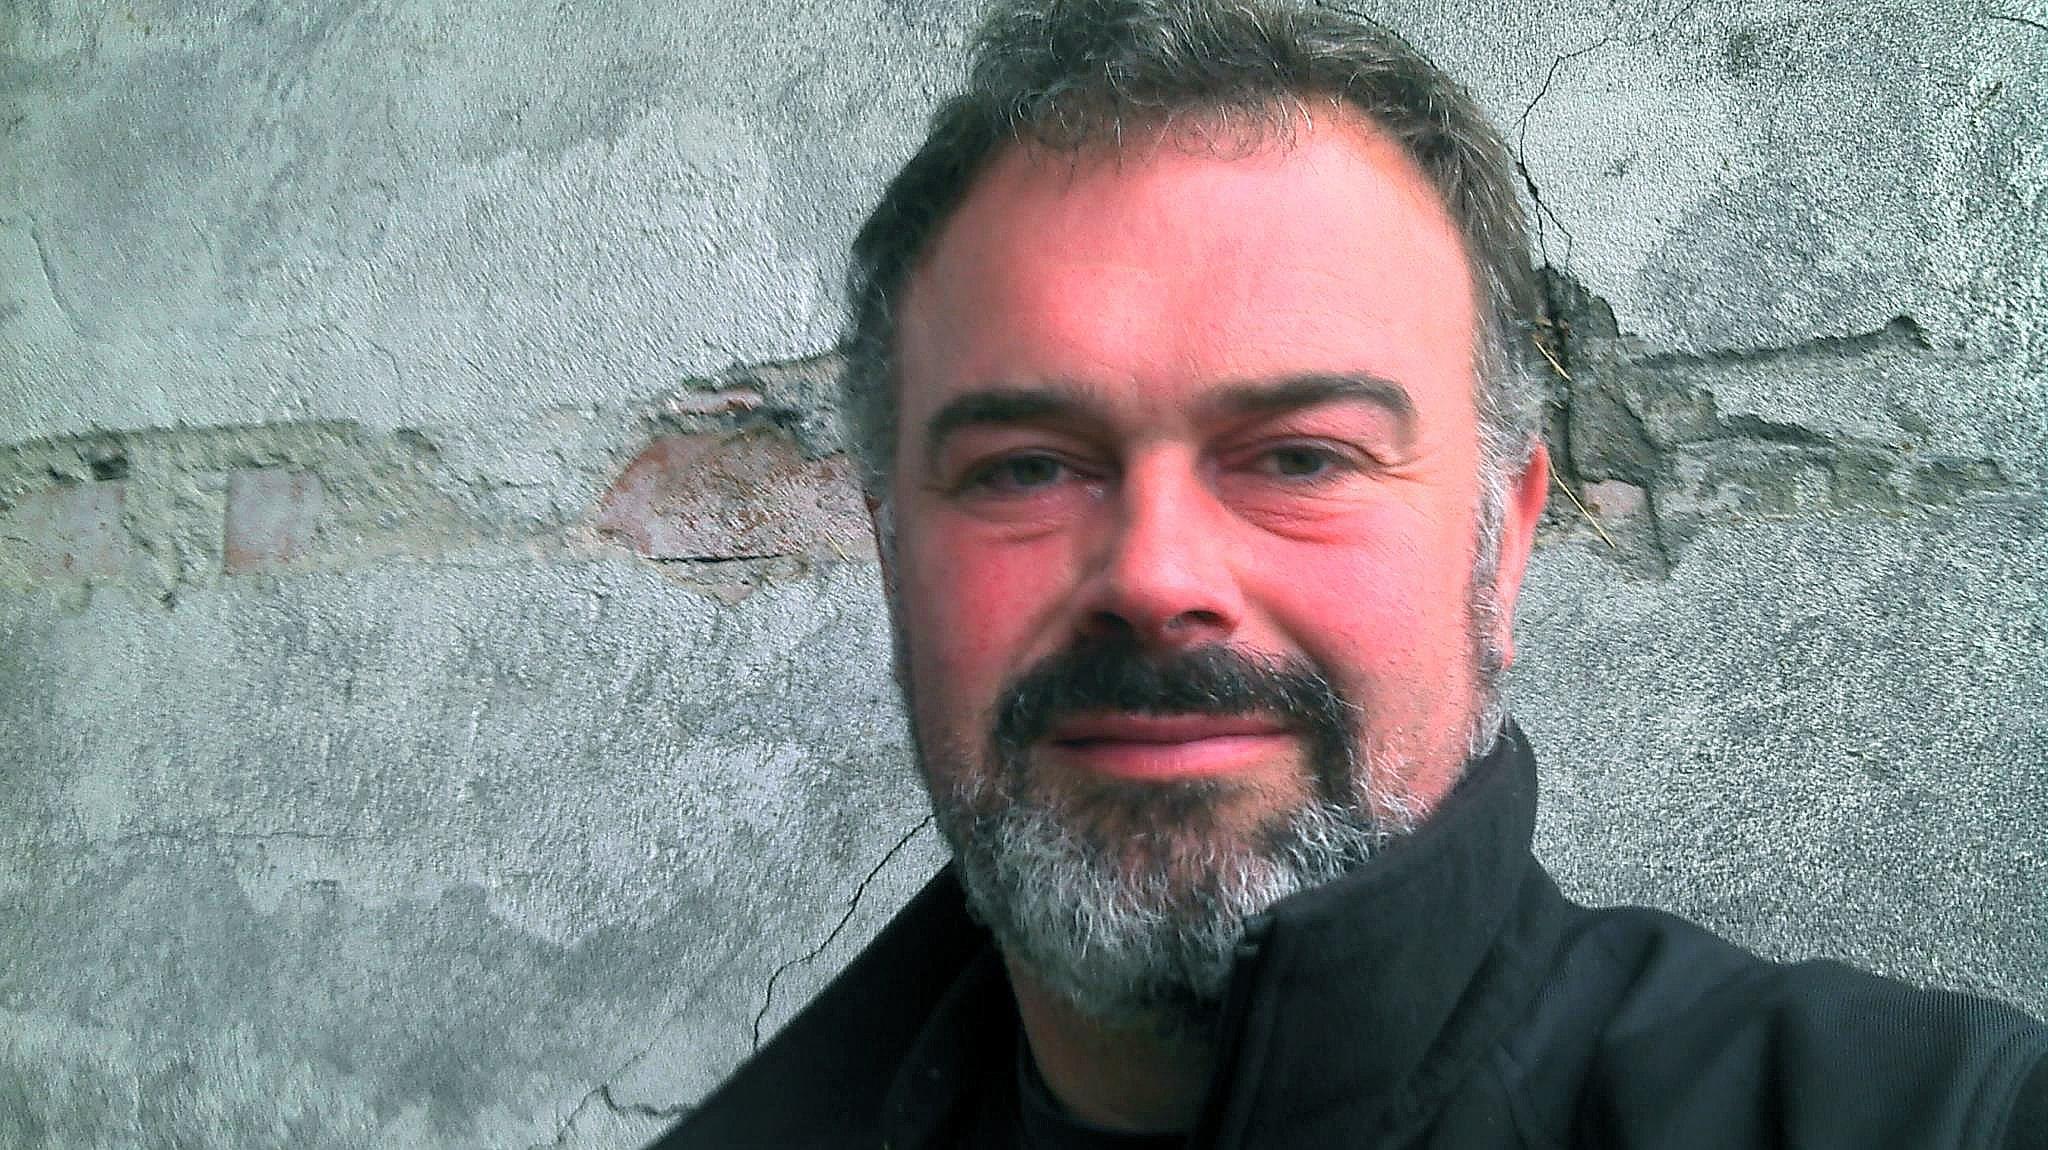 Rovdjurstrycket är för högt i Värmland, anser Patrik Ohlsson LRF:s ordförande i Värmland.